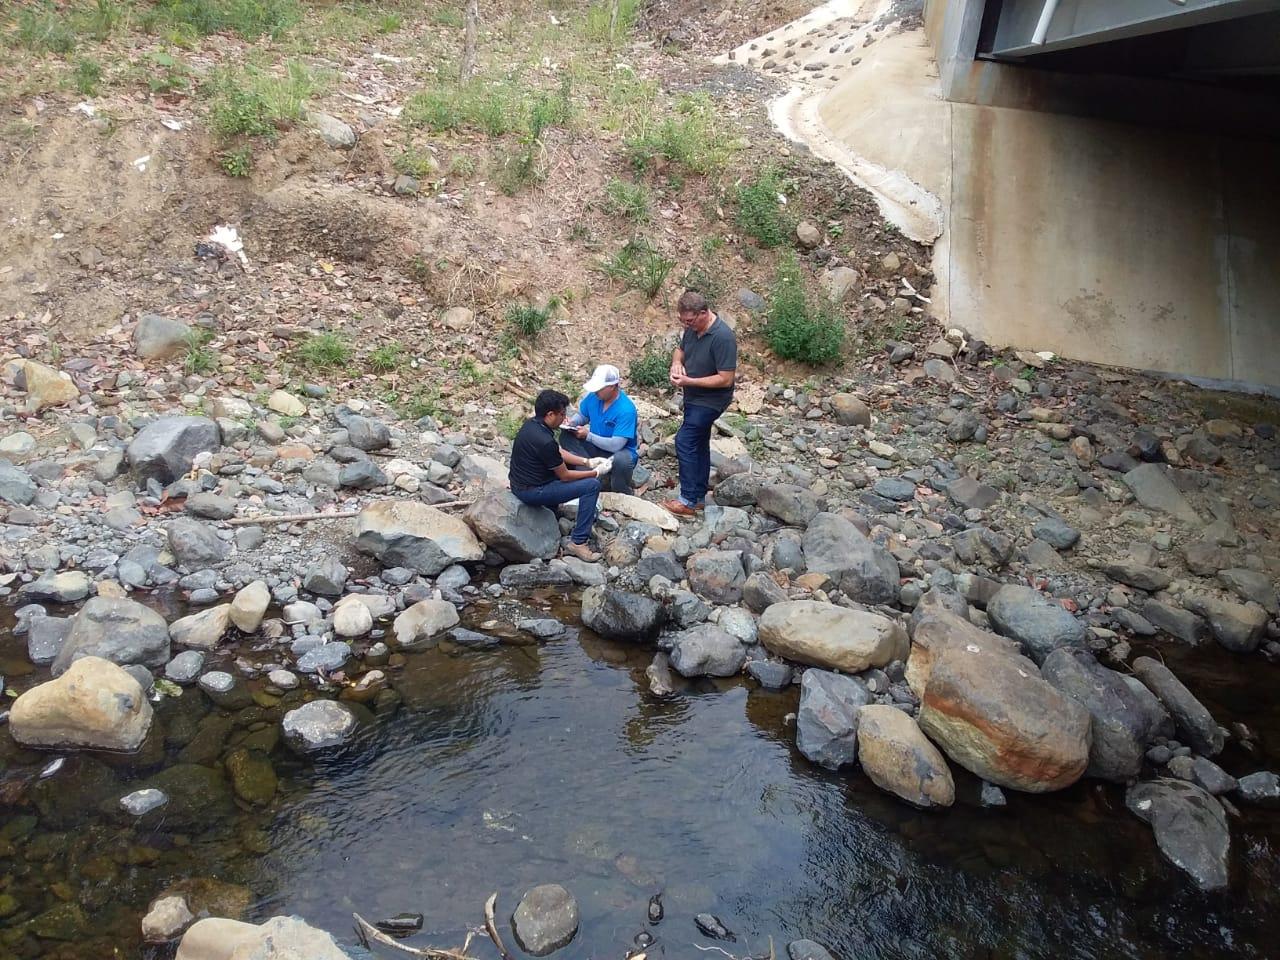 Preocupación por los altos niveles de contaminación en el río Guararé